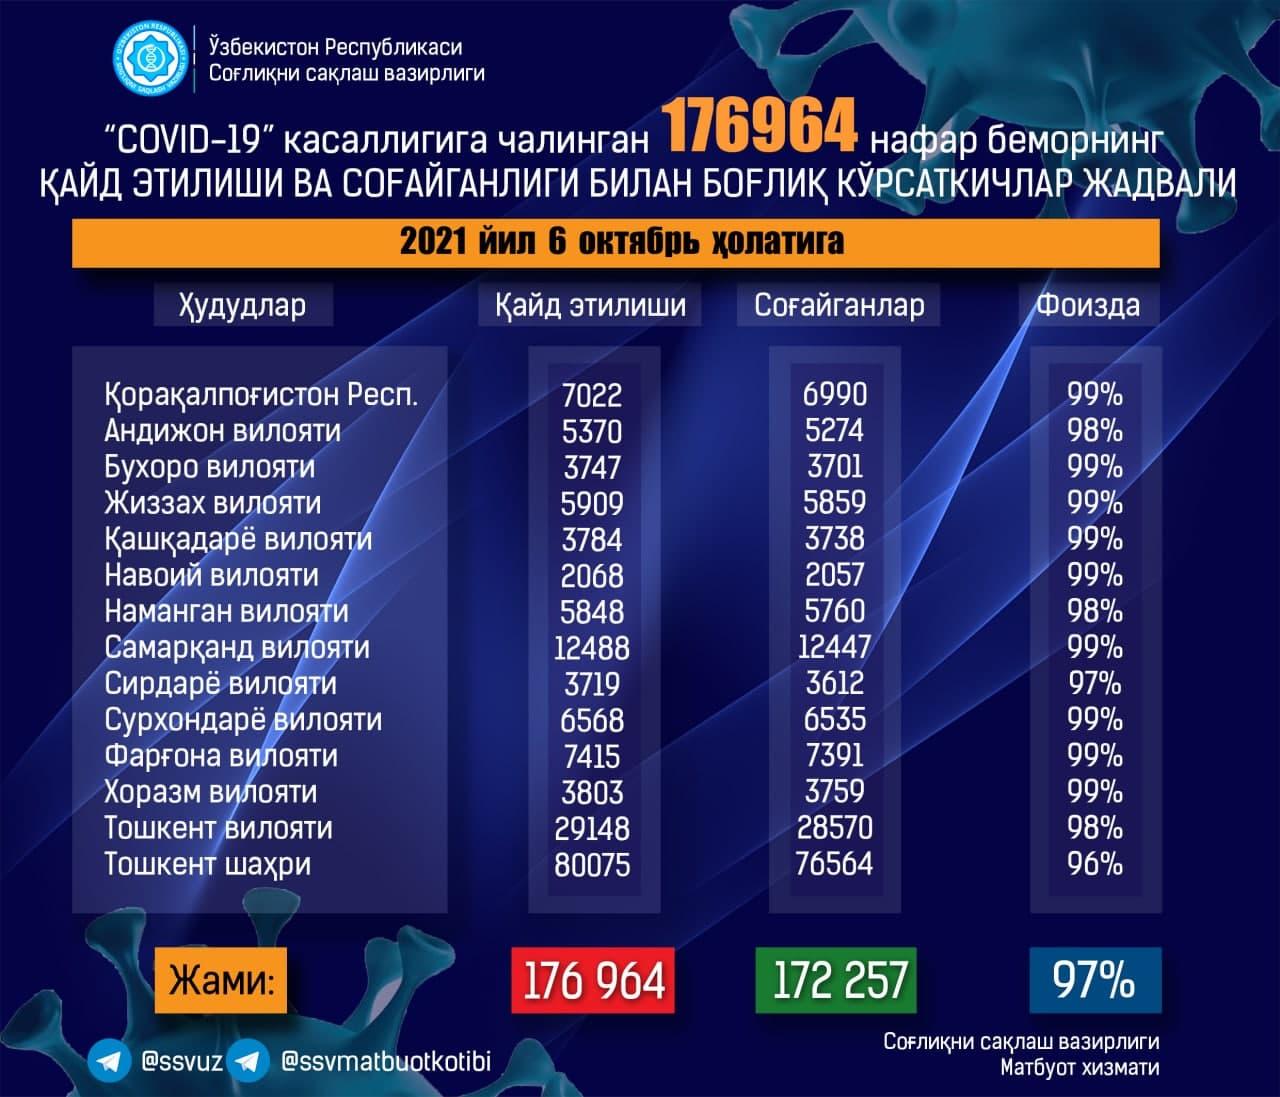 Минздрав опубликовал свежую статистику по заболевшим коронавирусом